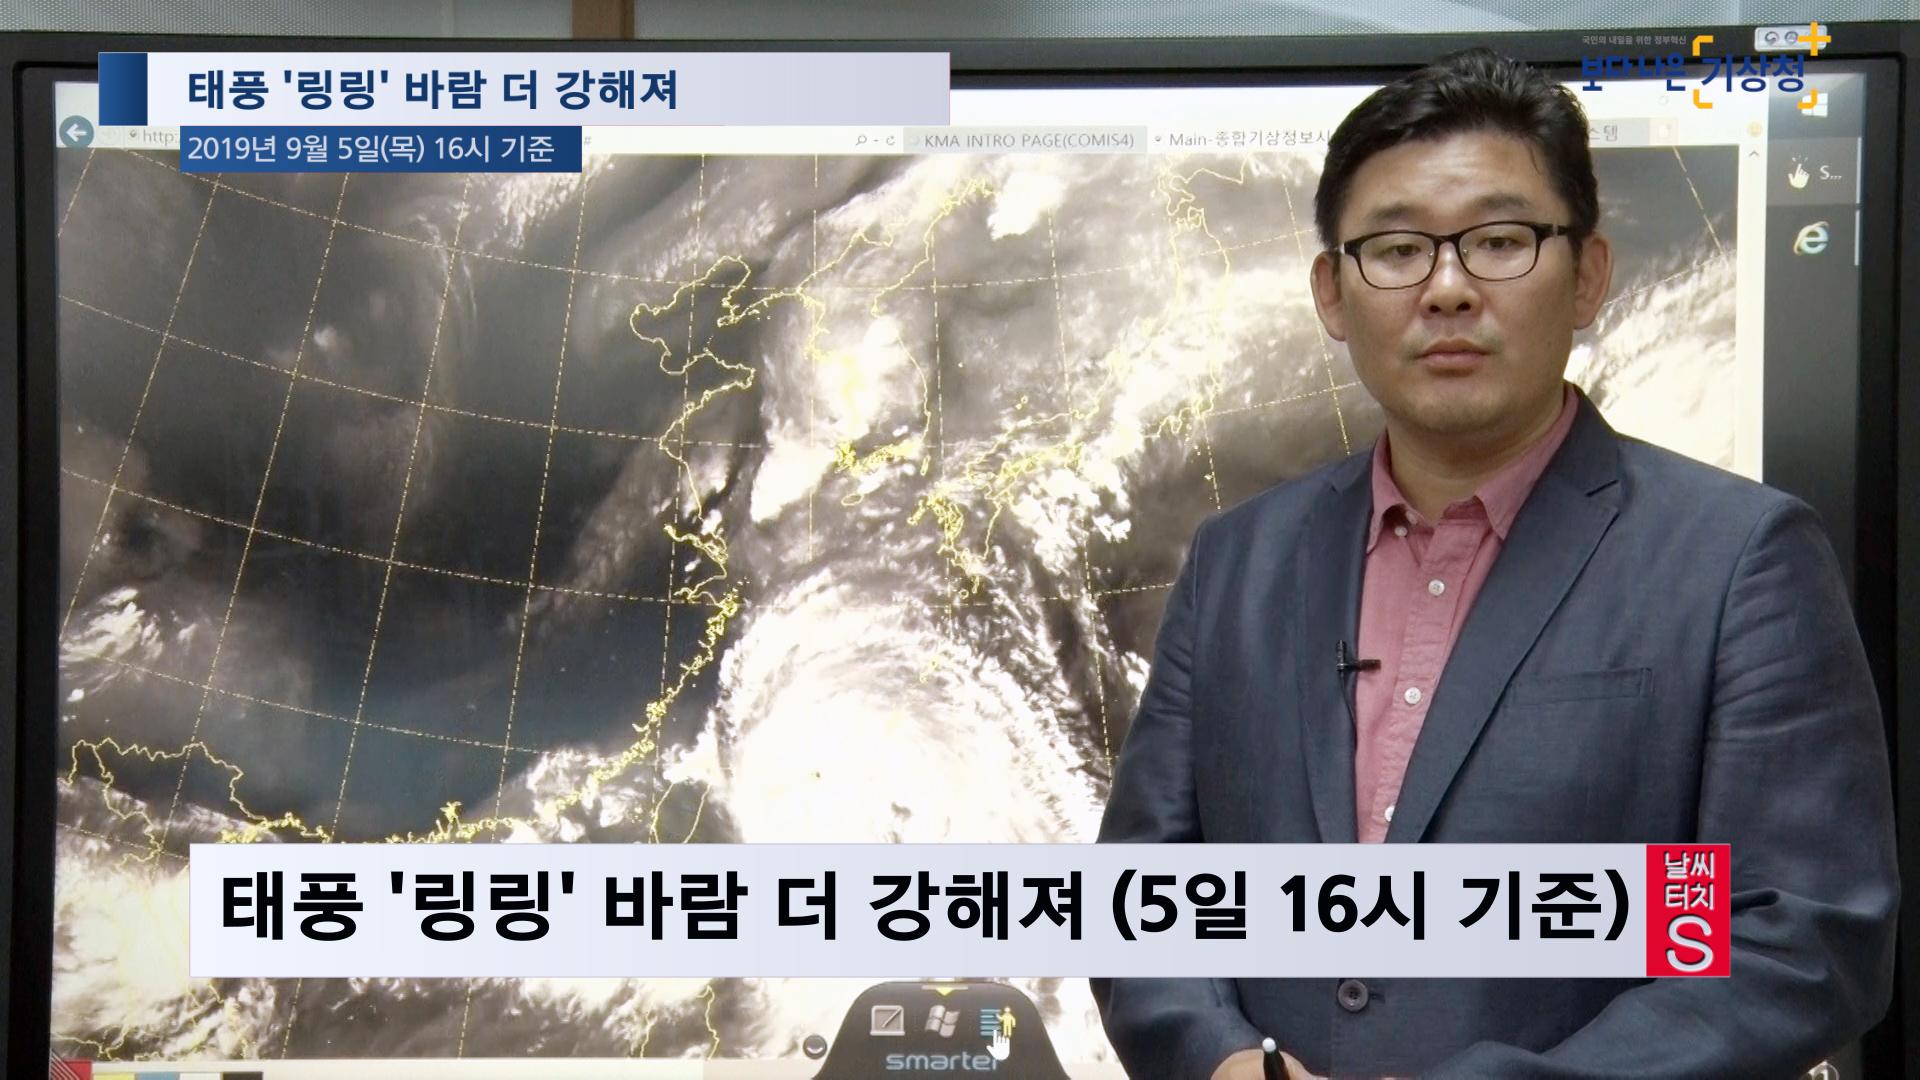 태풍 ´링링´ 바람 더 강해져(5일 16시 기준)